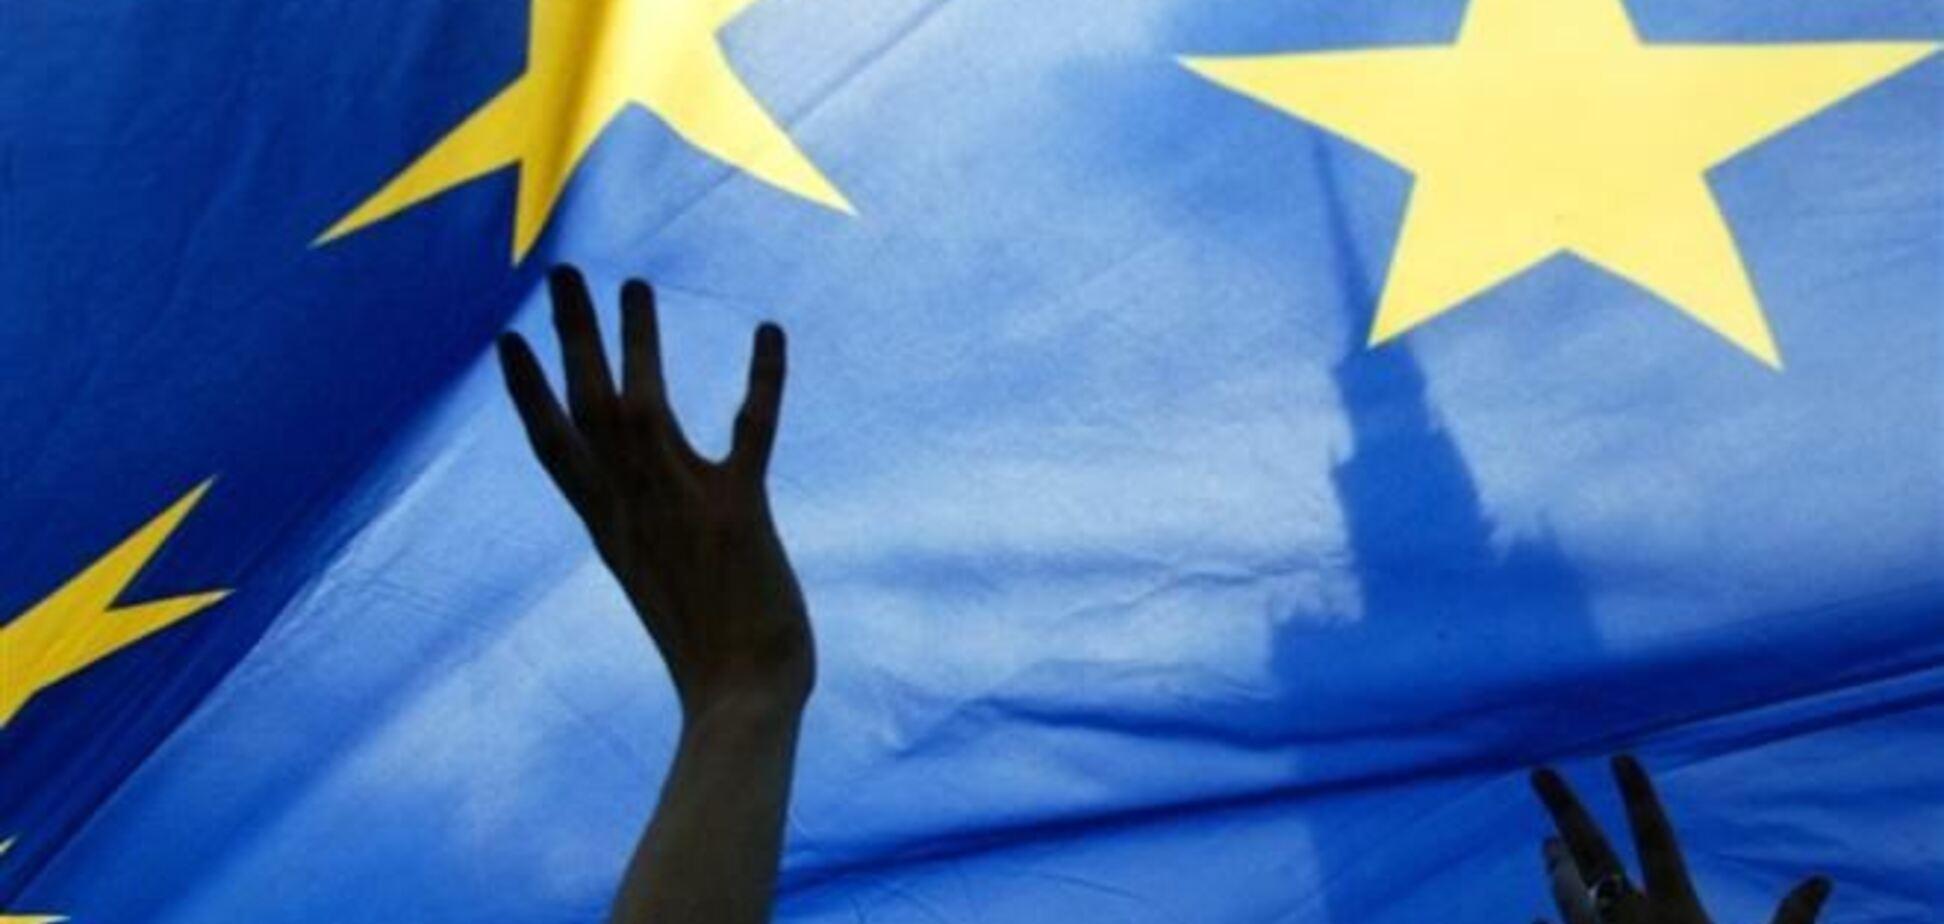 Тимчасовий уряд підпише угоду з ЄС до кінця березня - Тарасюк